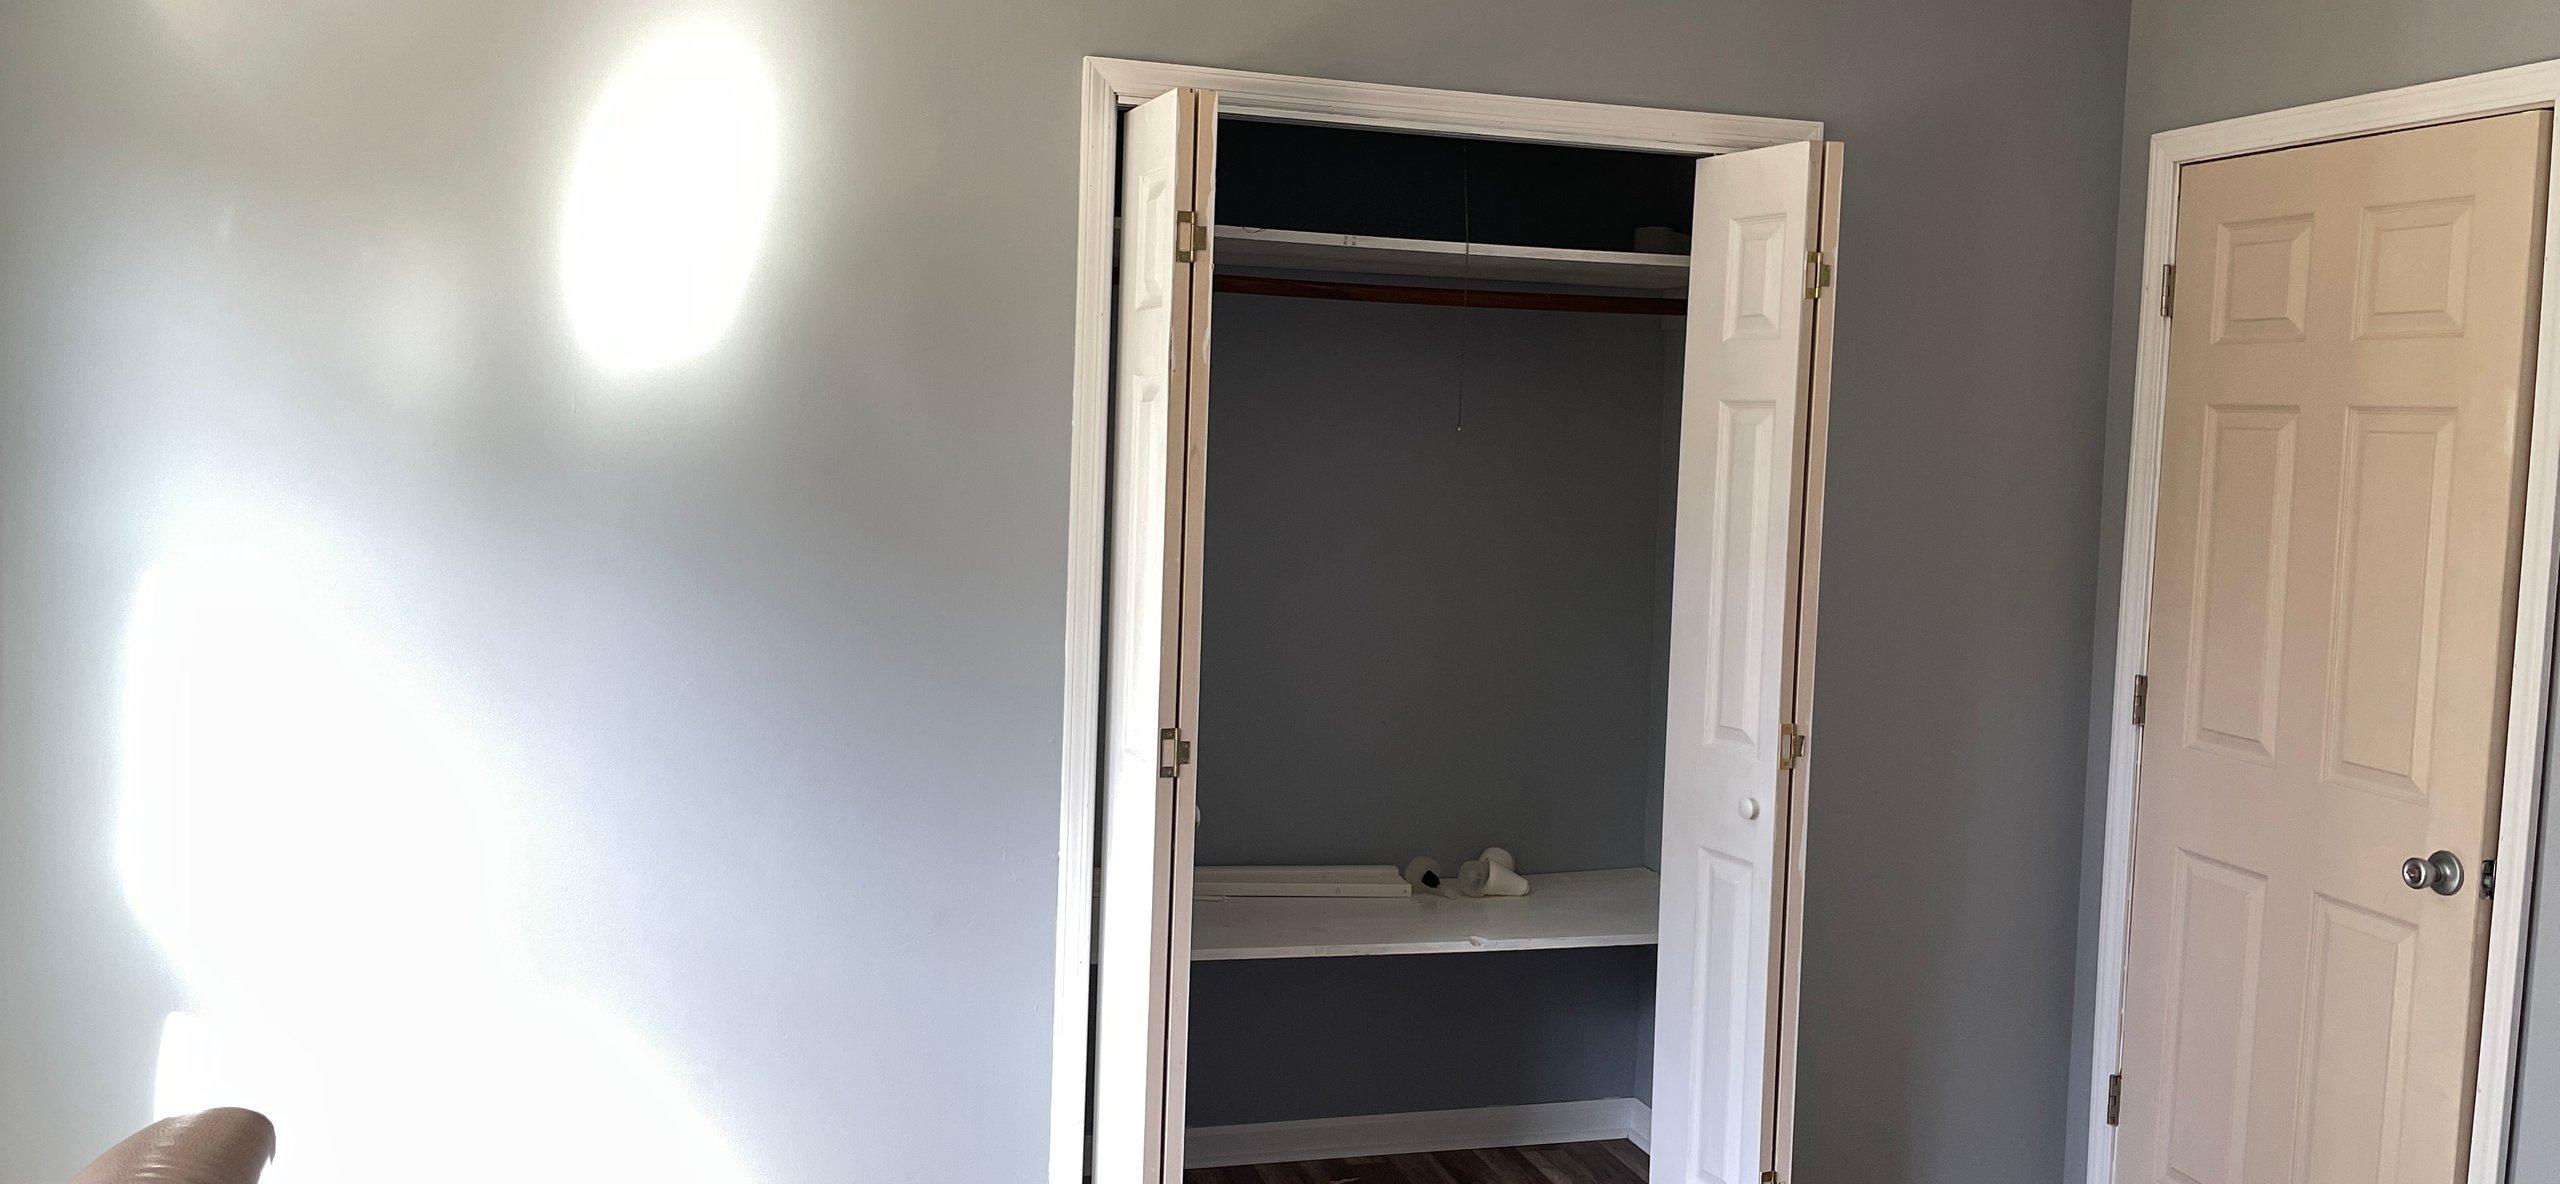 17x24 Other self storage unit